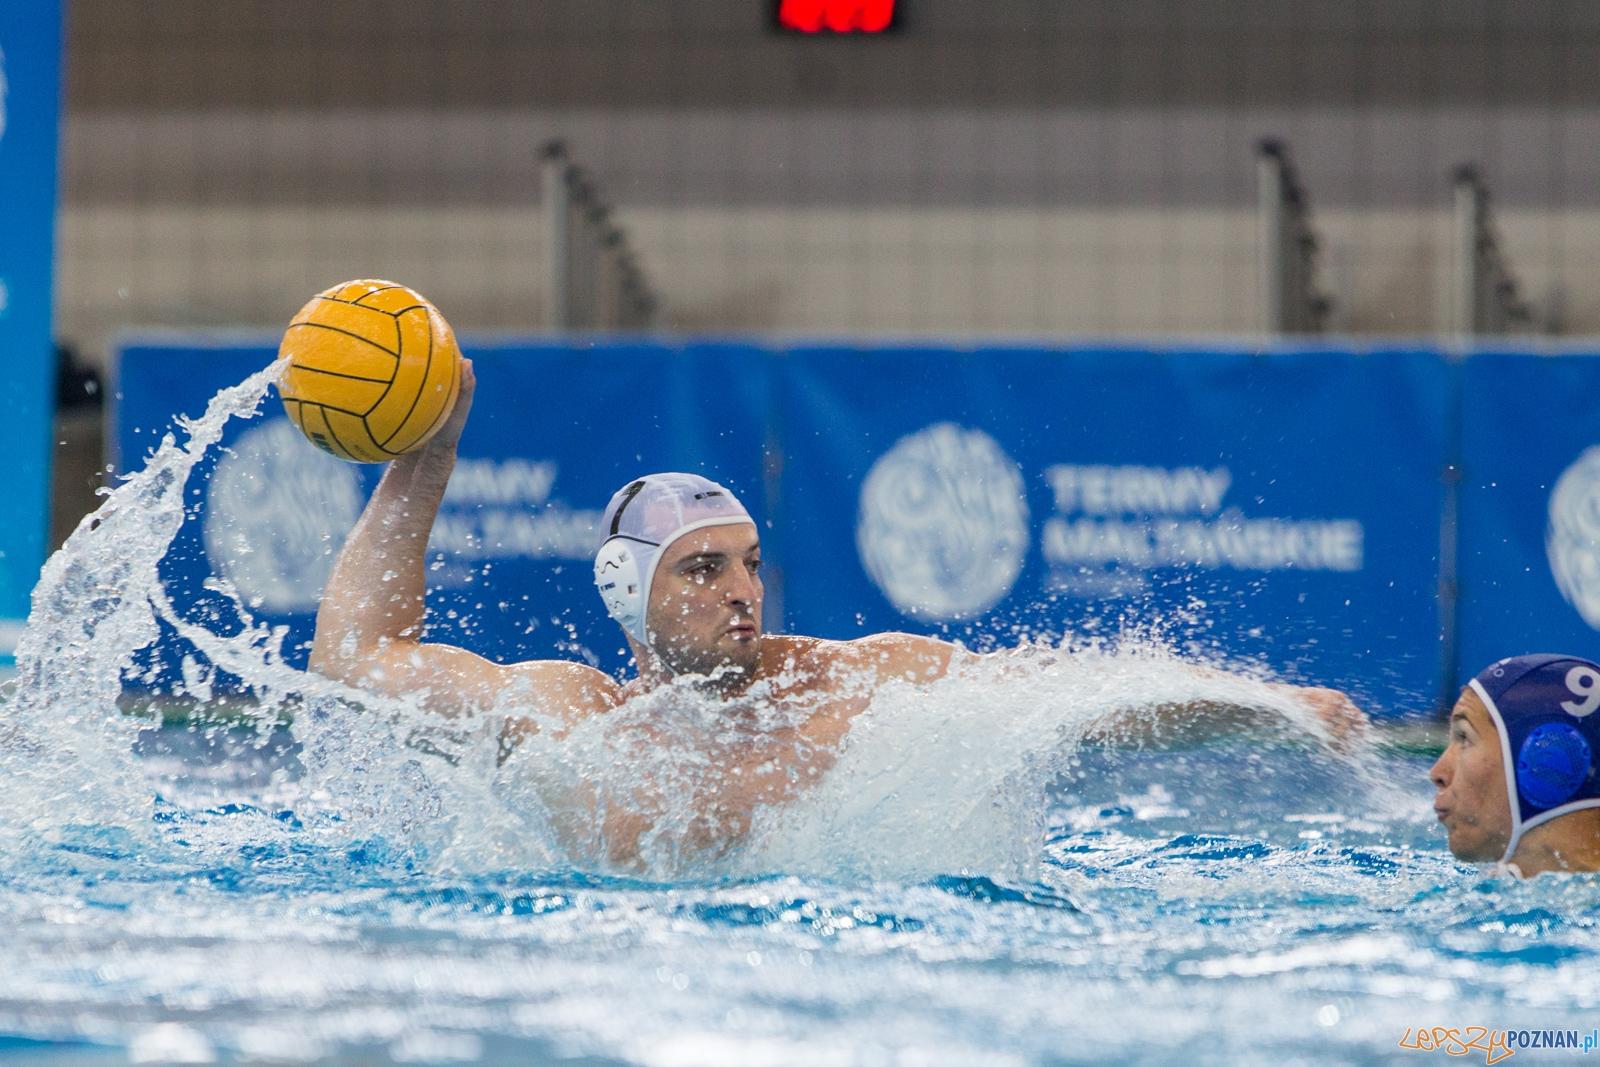 KS Waterpolo Poznań - Budapesti Honvéd Sport Egyesület  Foto: lepszyPOZNAN.pl / Piotr Rychter